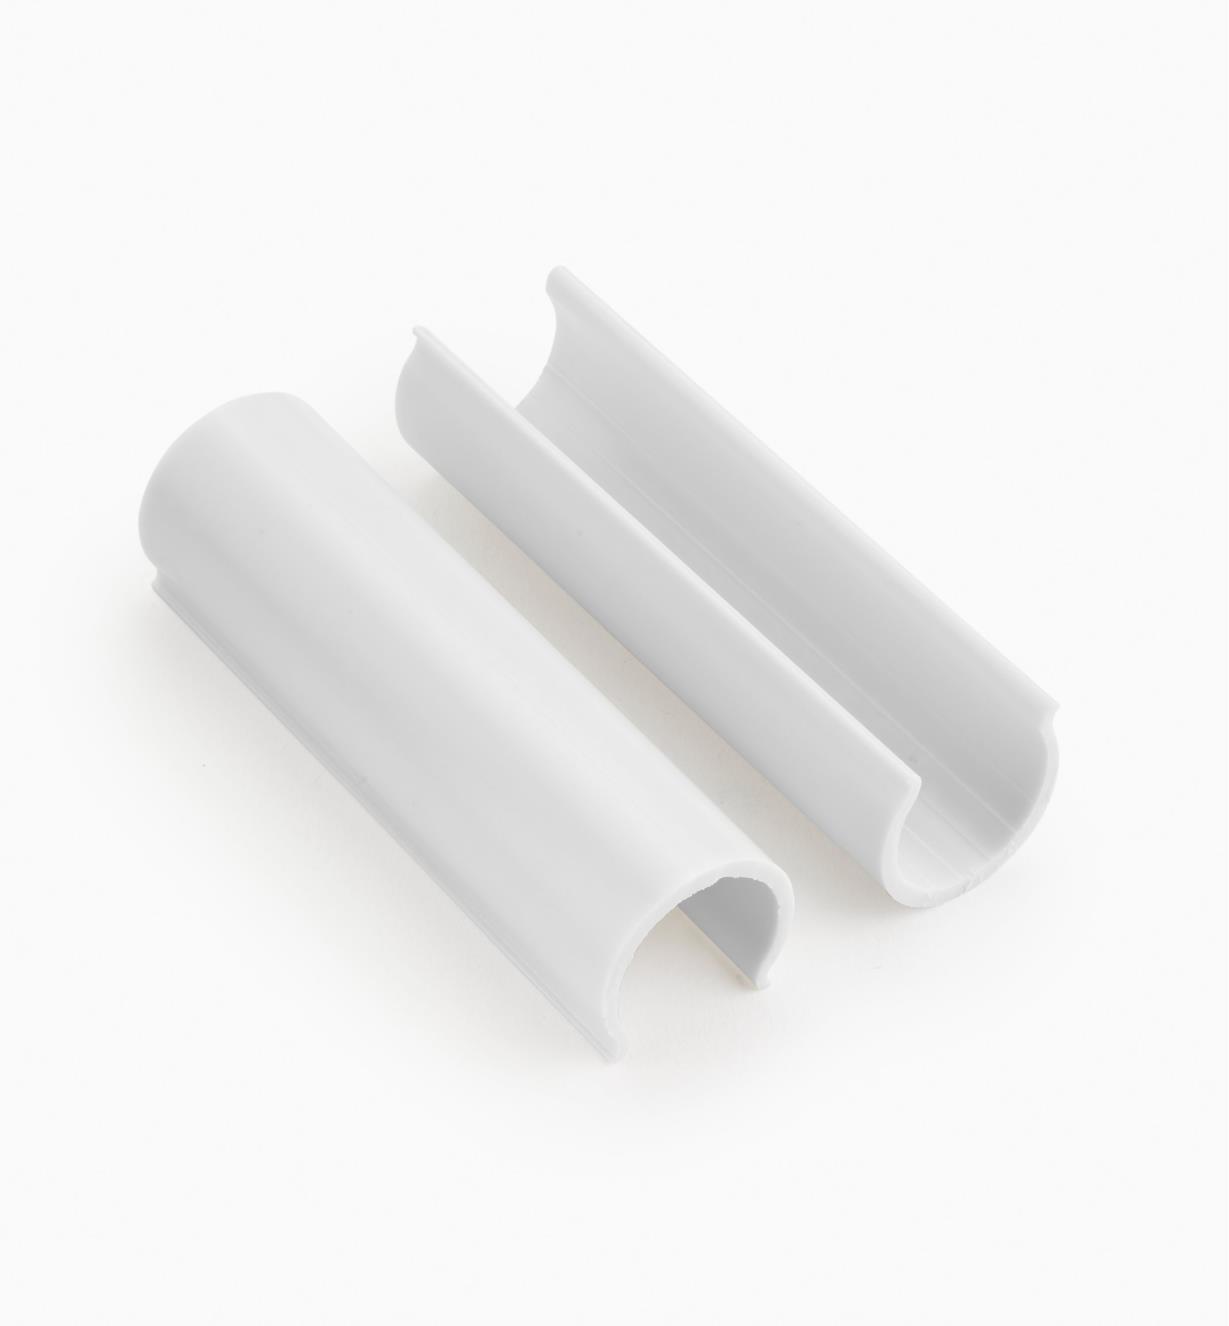 EA264 - Manchons en PVC, 1/2 po, pqt de 10